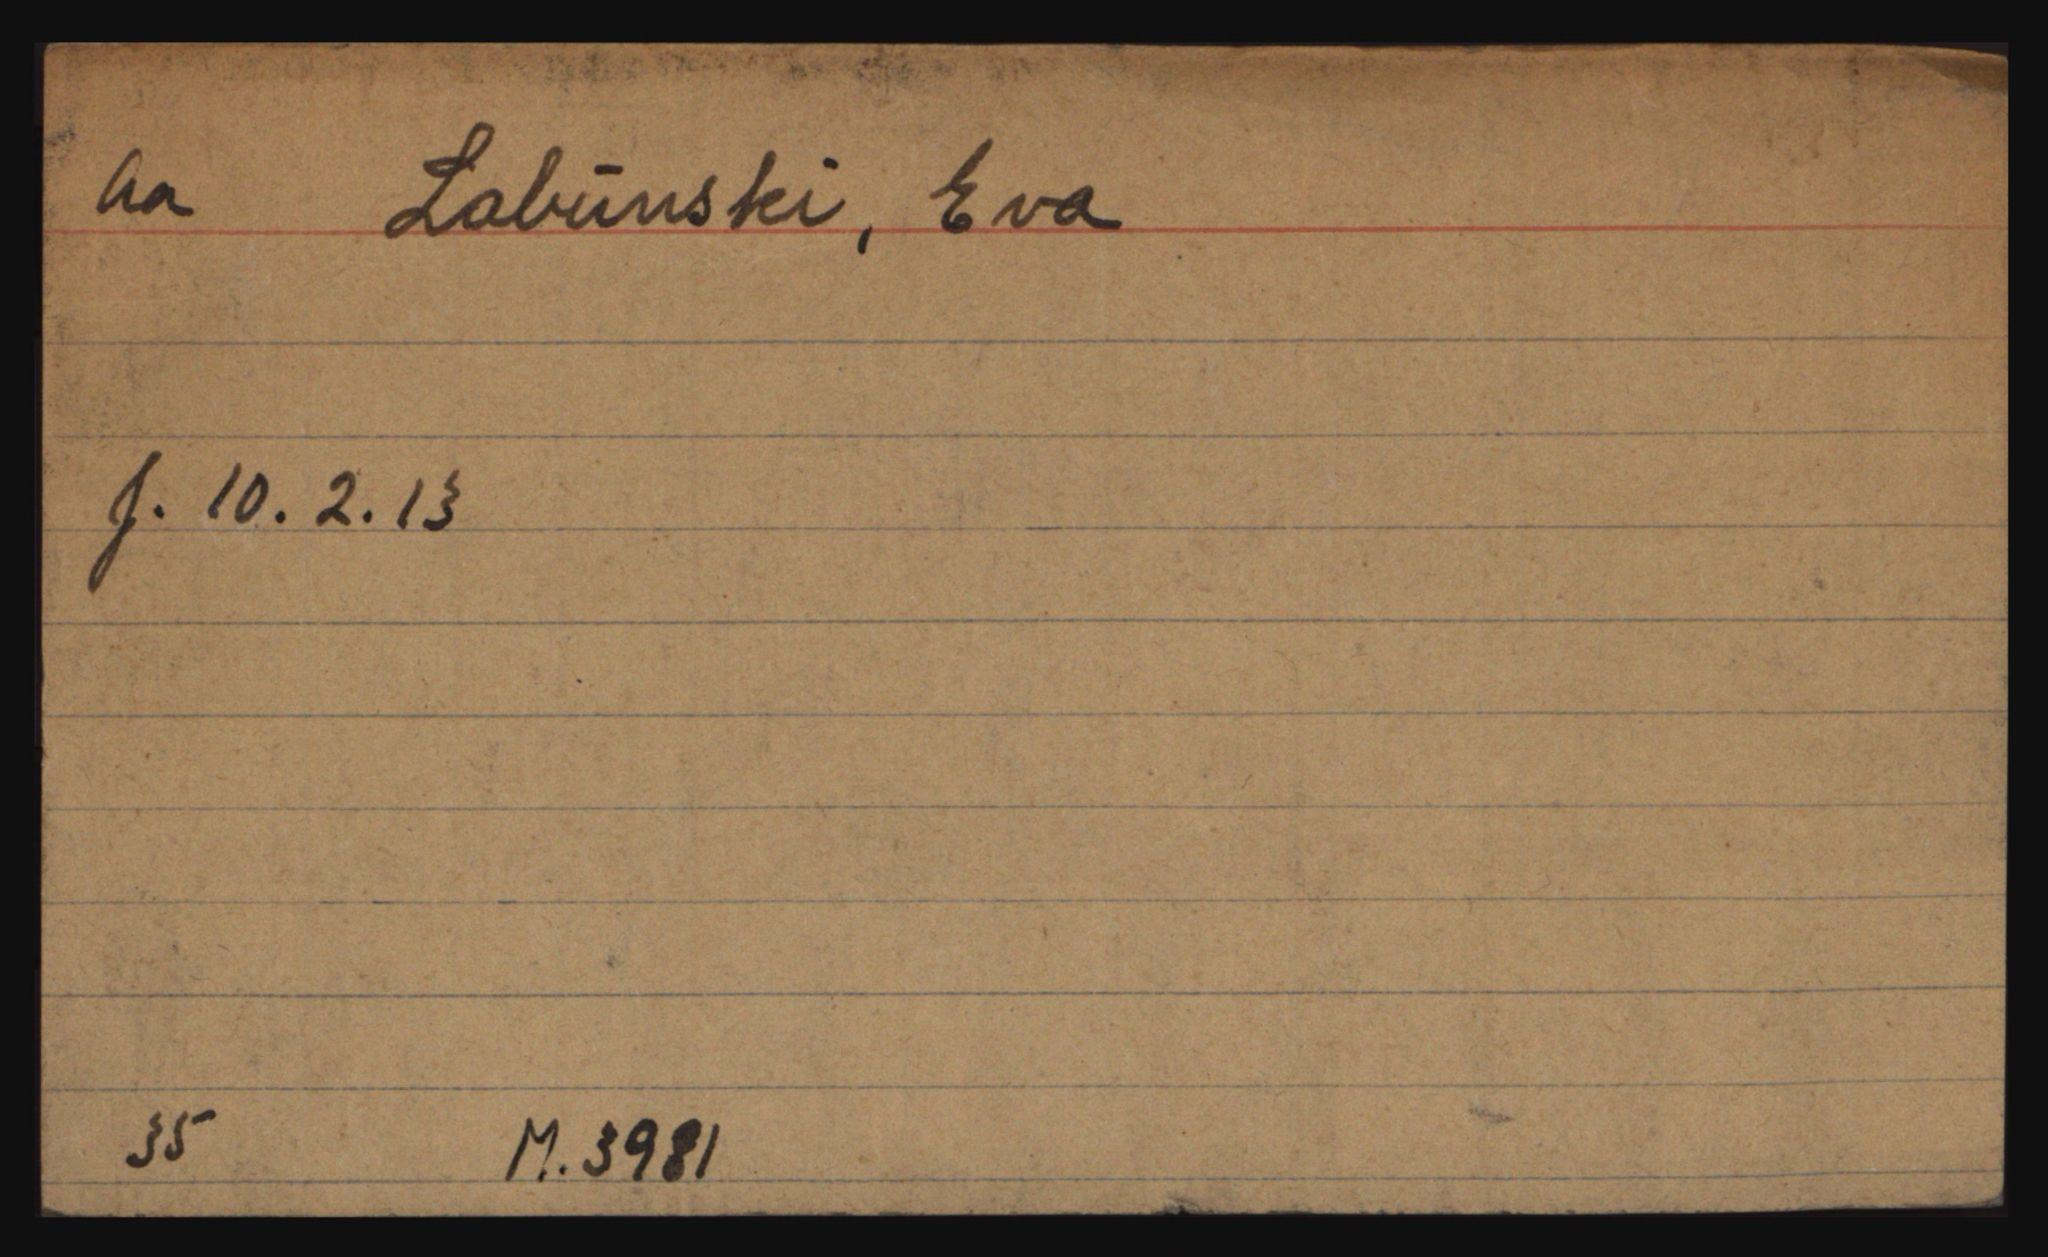 RA, Befehlshaber der Sicherheitspolizei und des SD, E/Ec/L0002: Fangeregister L-Ø, 1940-1945